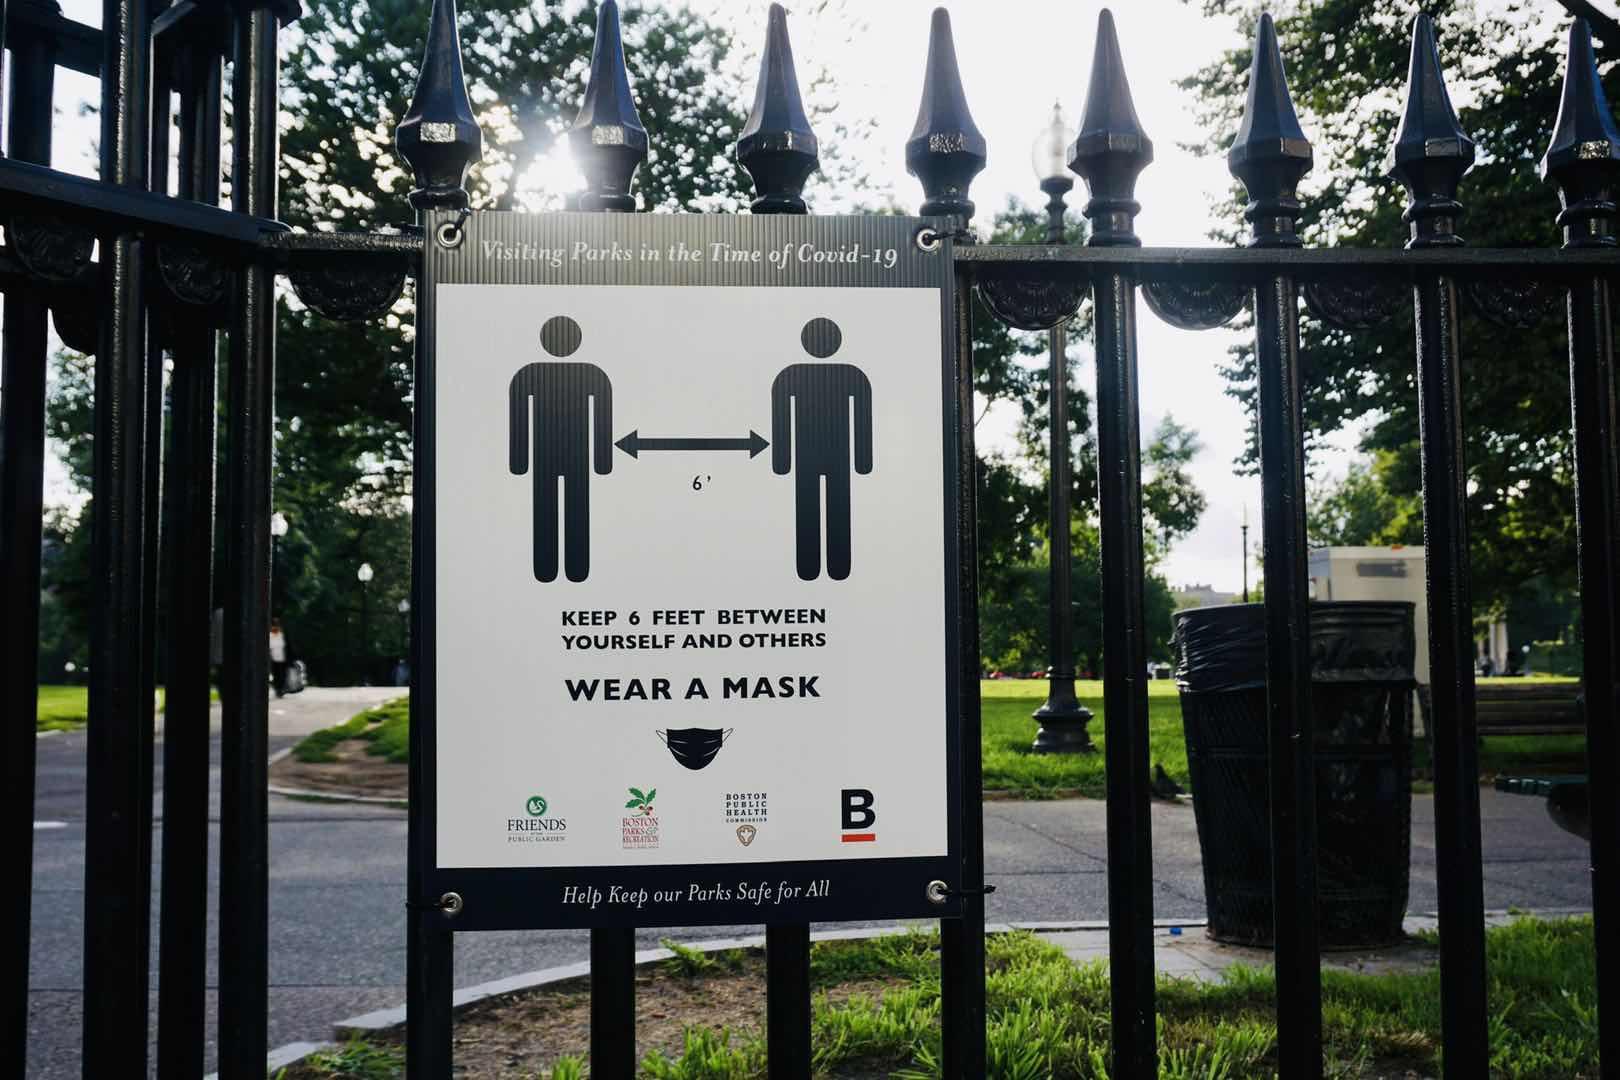 美国病毒专家:佩戴口罩可以减少7万人的死亡